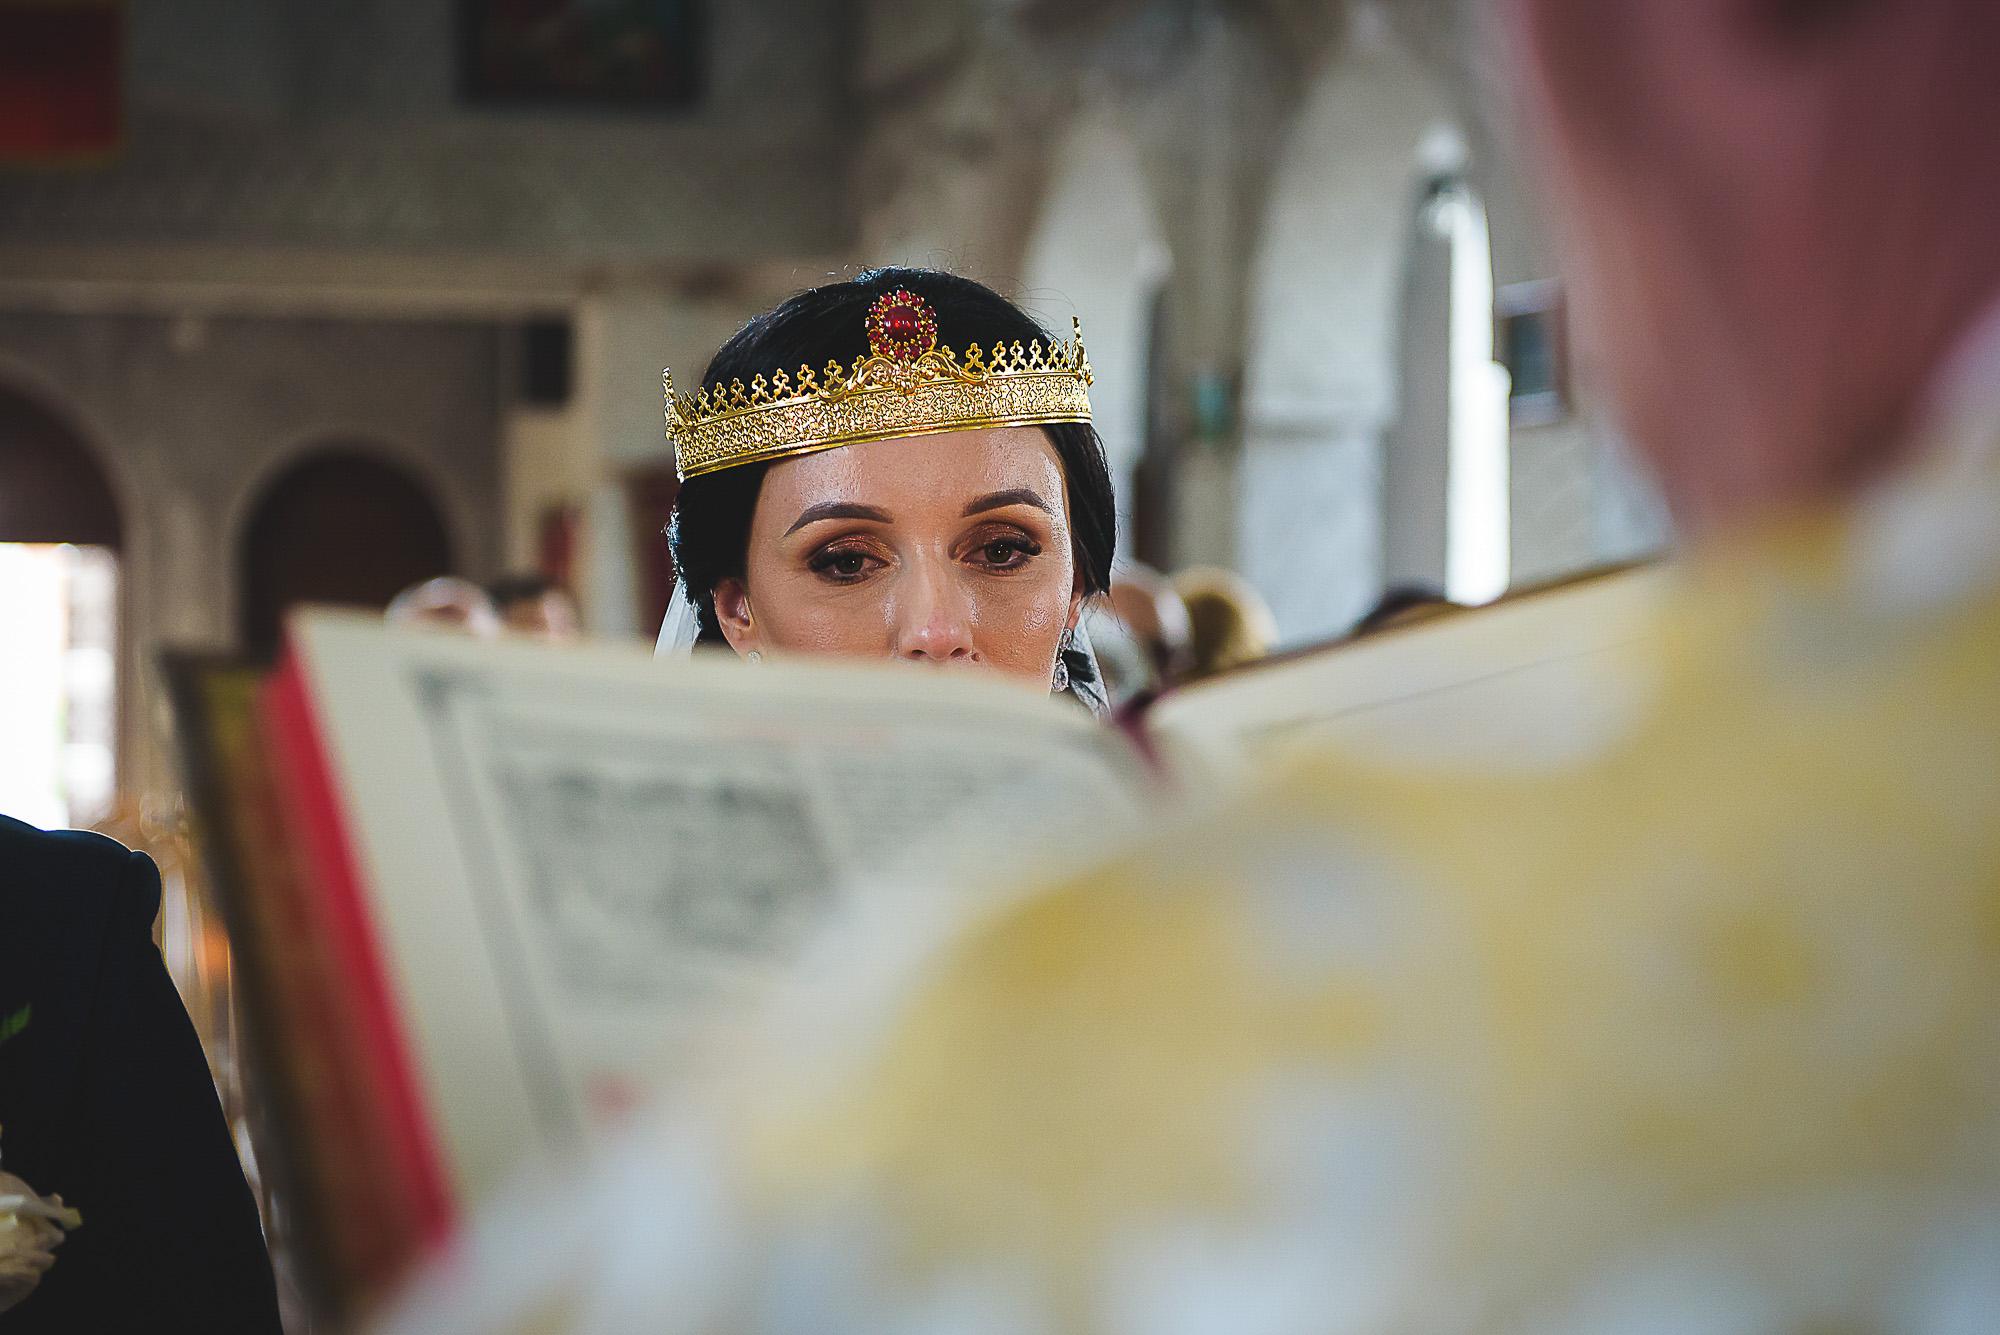 ochii miresei, ochi de mireasa, cununia religioasa, biserica ortodoxa, fotografie creativa de nunta, fotograf nunta mures, foto nunta reghin, foto video reghin, foto video nunta mures